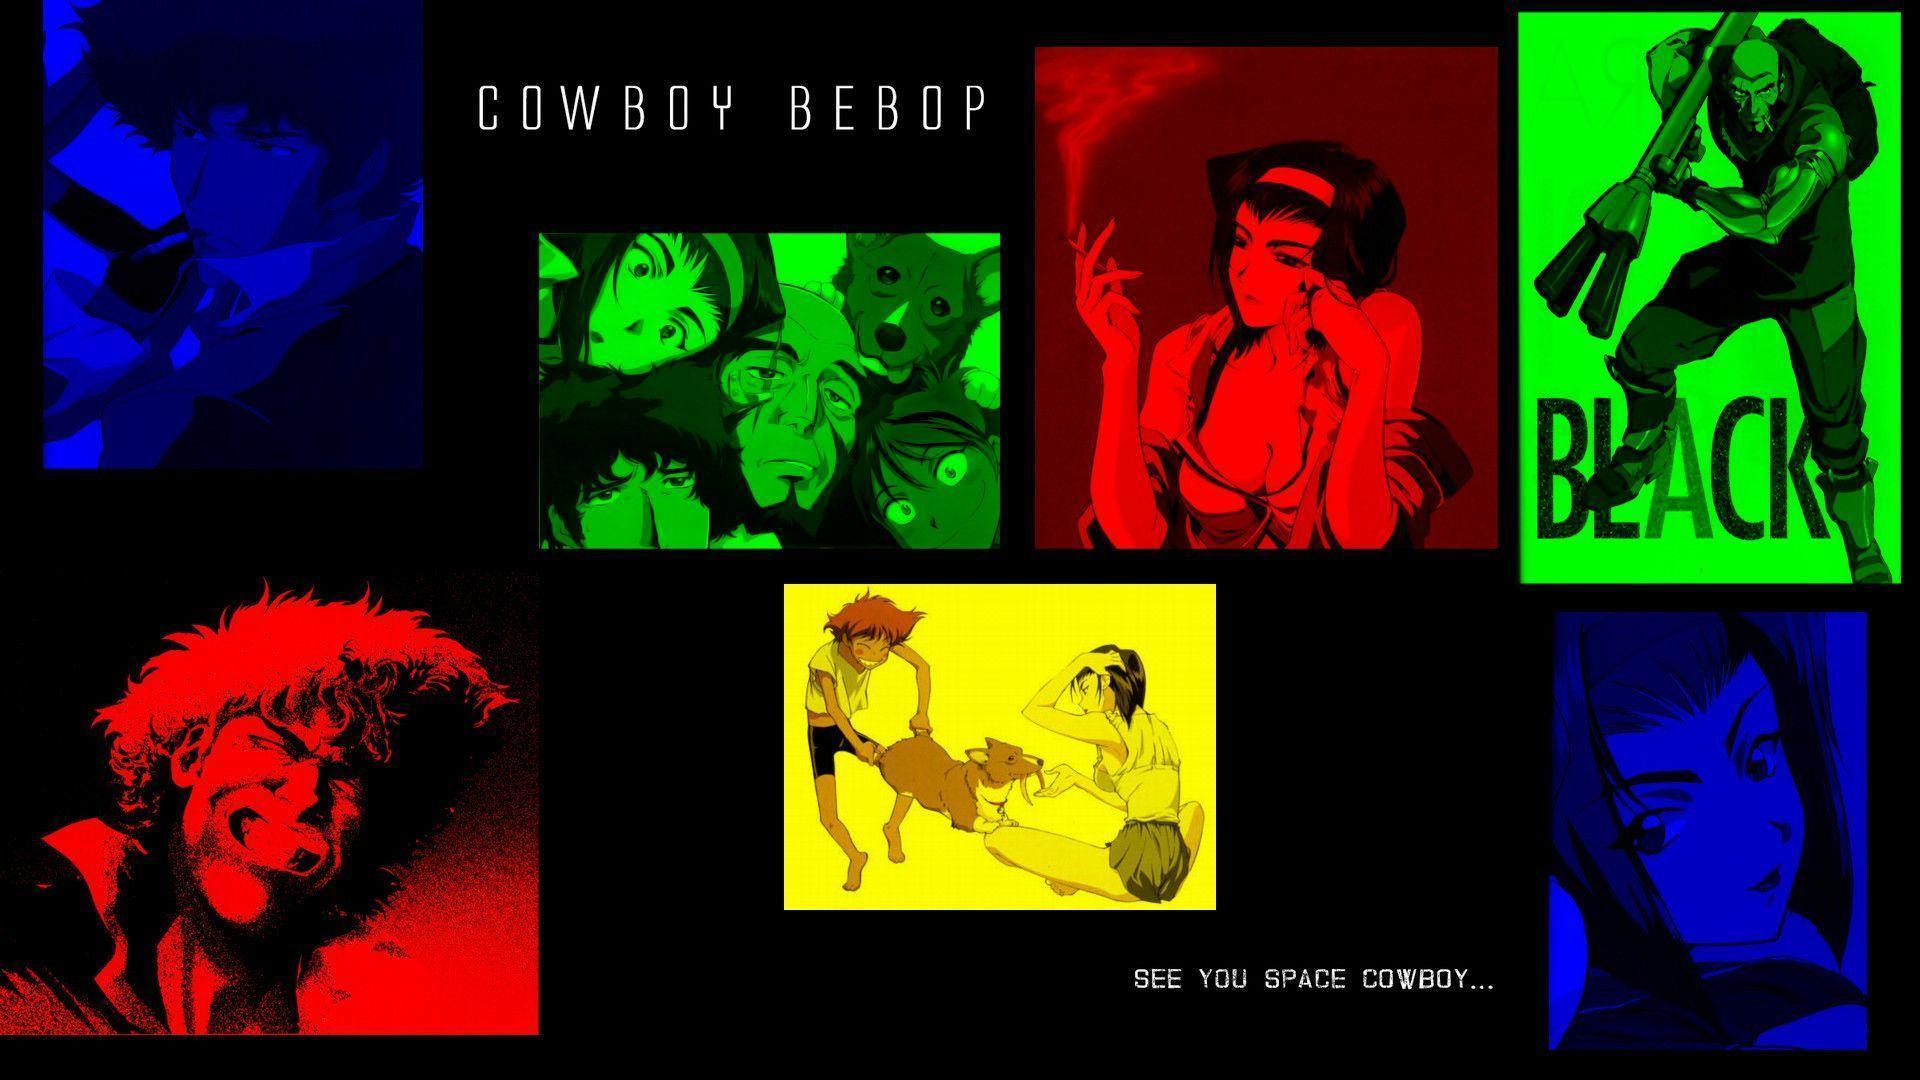 Cowboy bepop porn